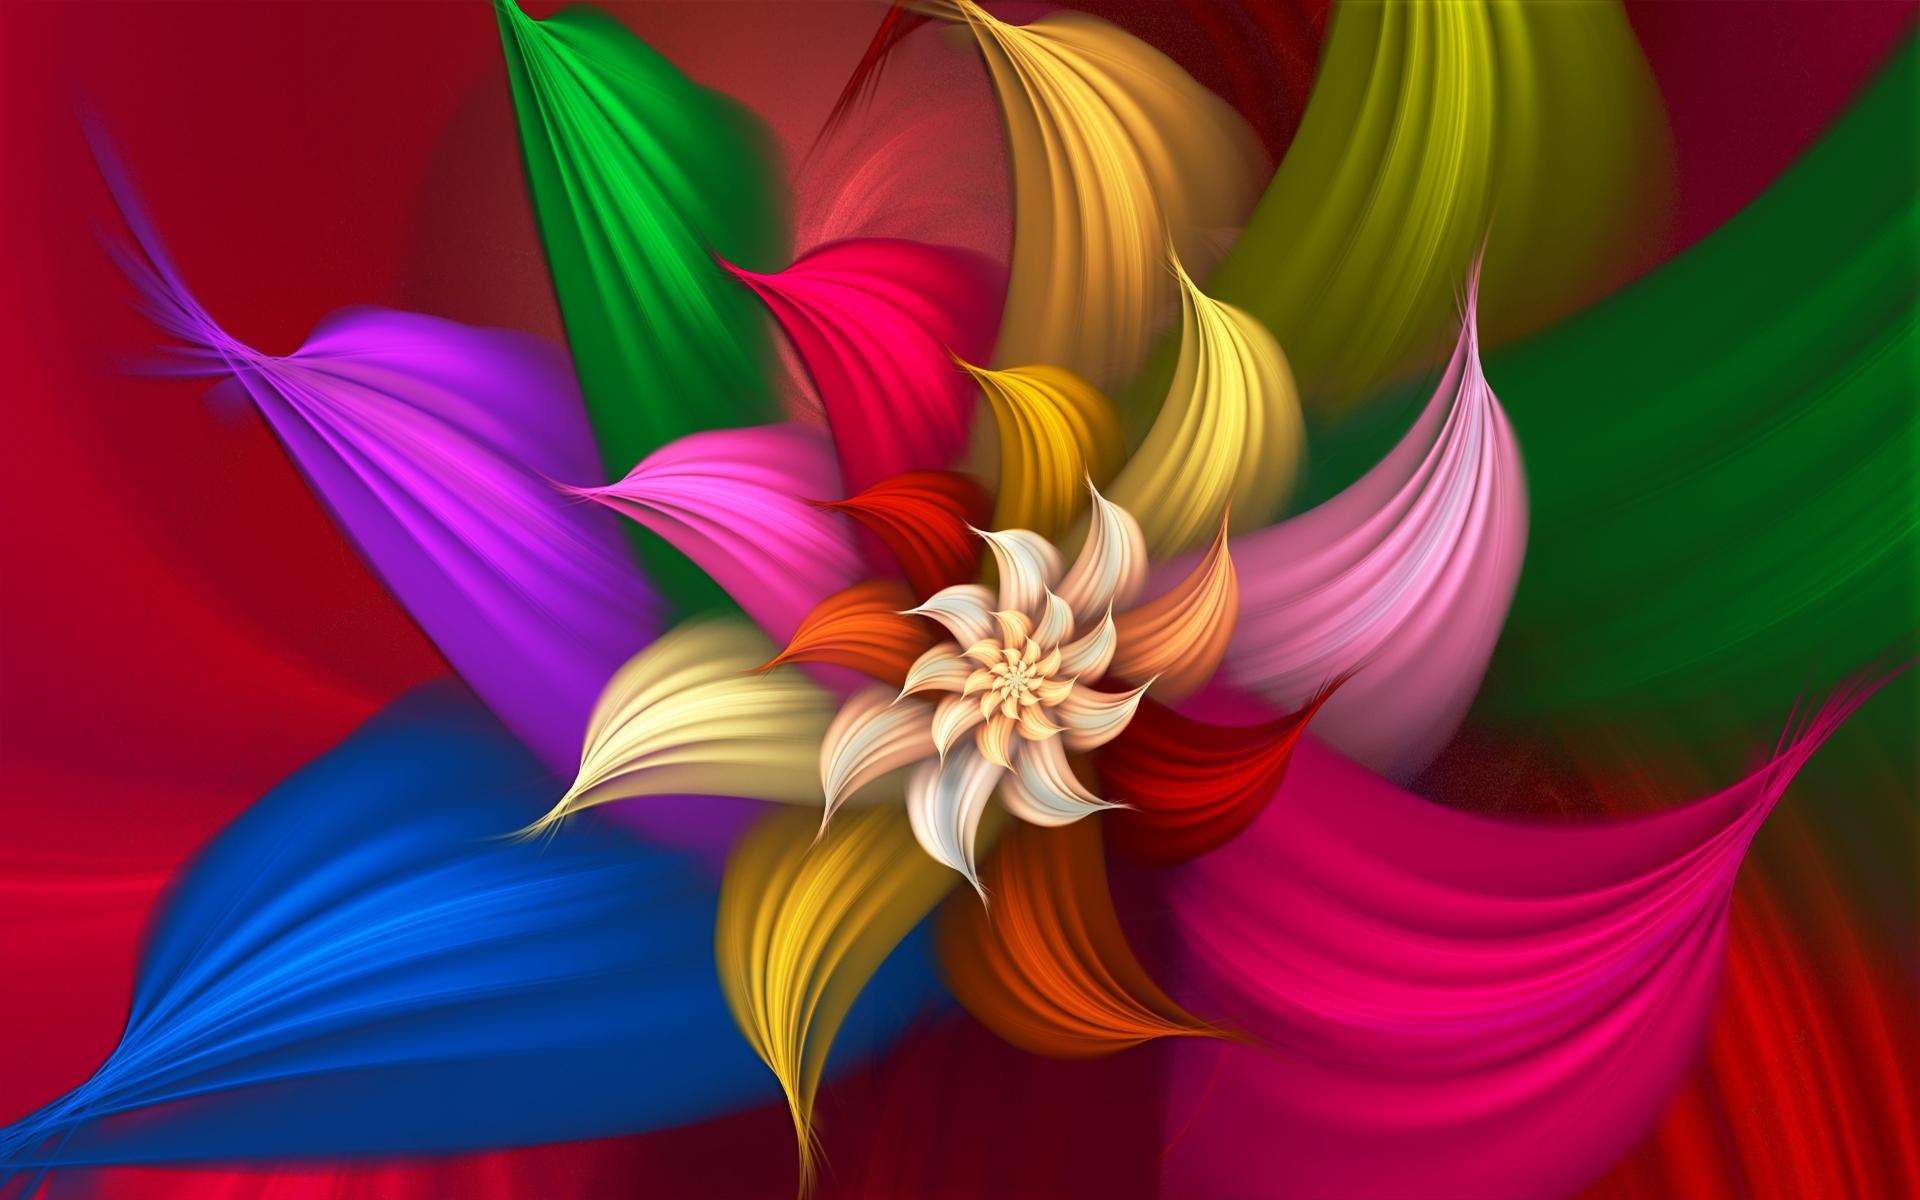 Satin Art Flower